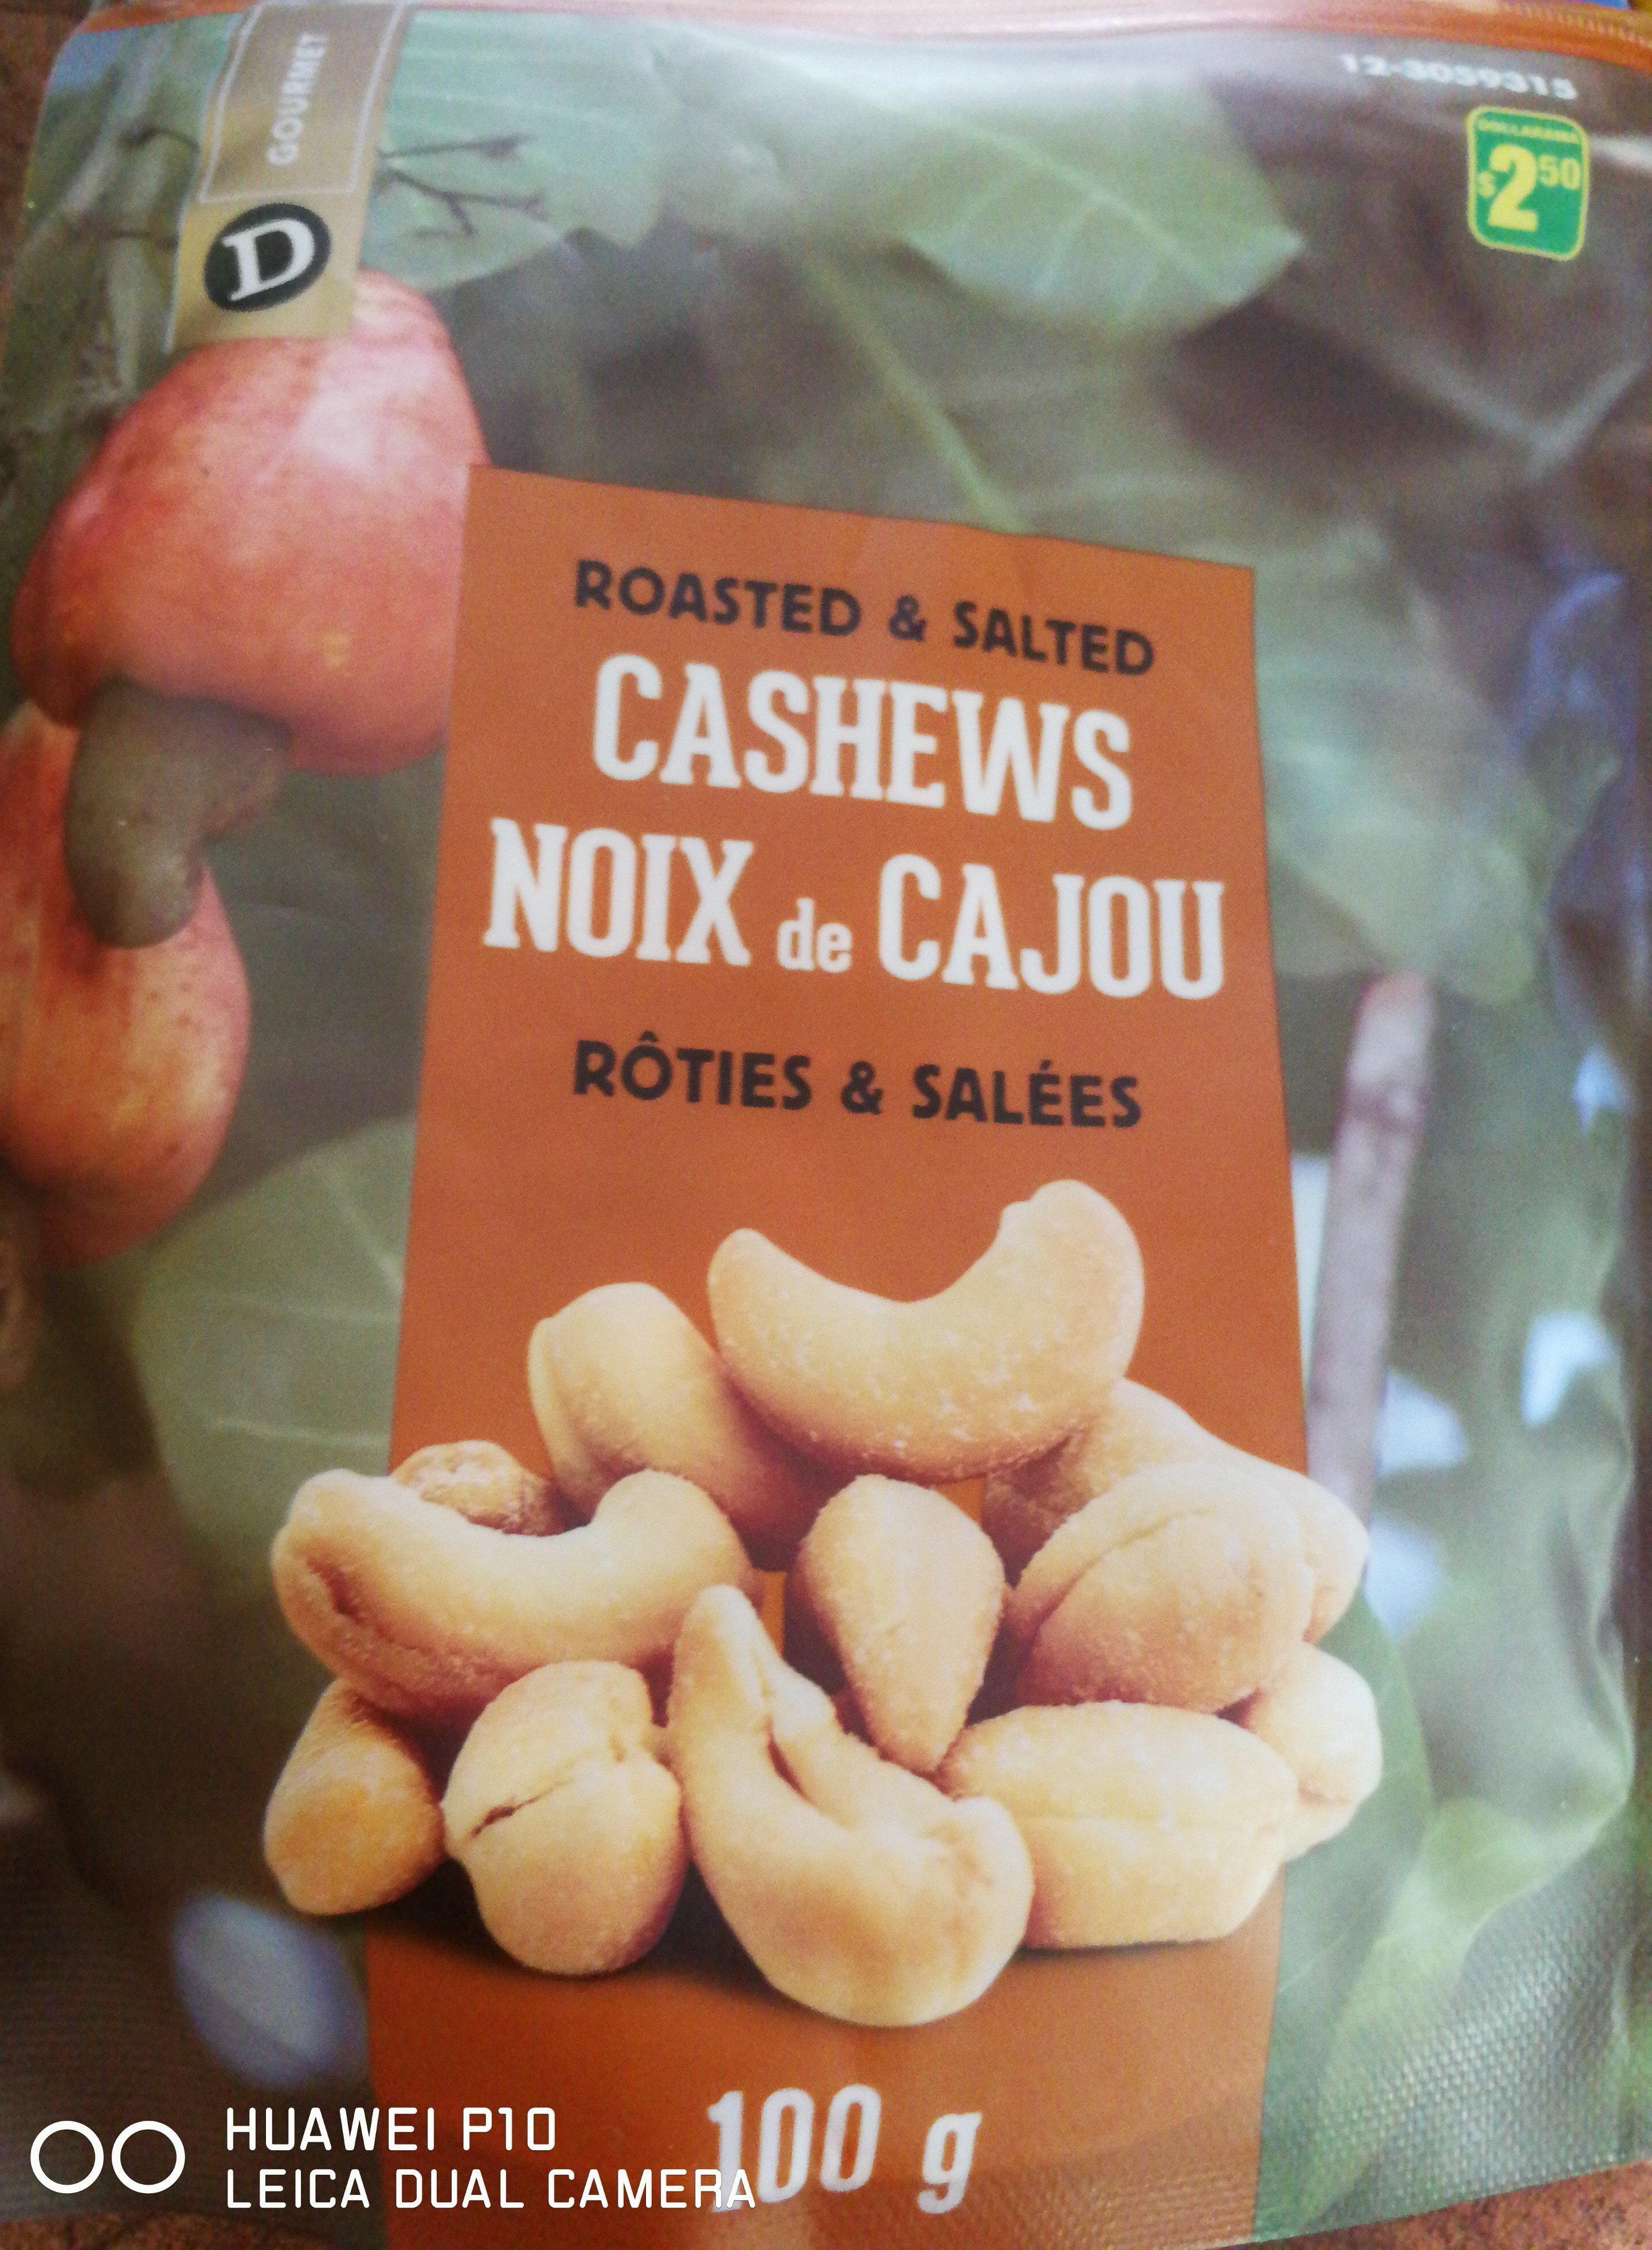 Noix de cajou rôties et salées - Product - fr